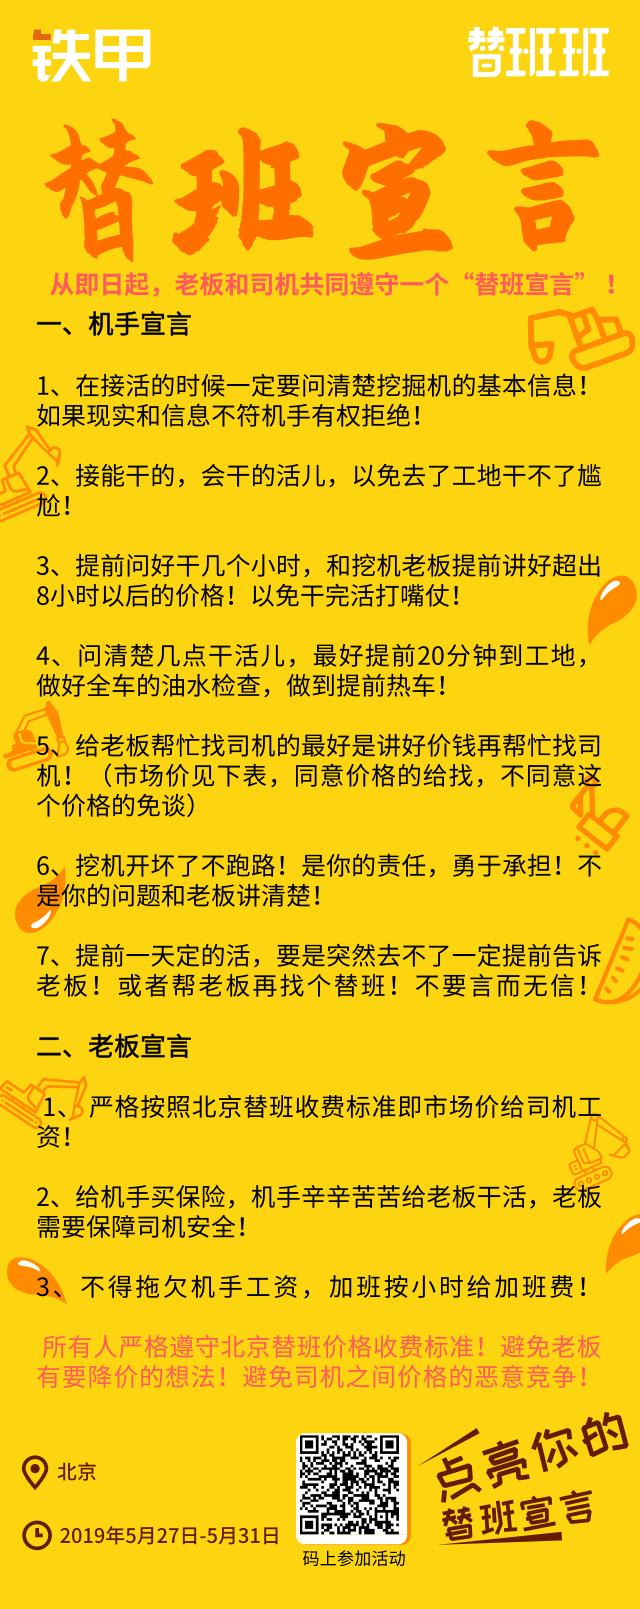 挖机圈专属替班宣言!第一名送卡特挖机模型!!!!!